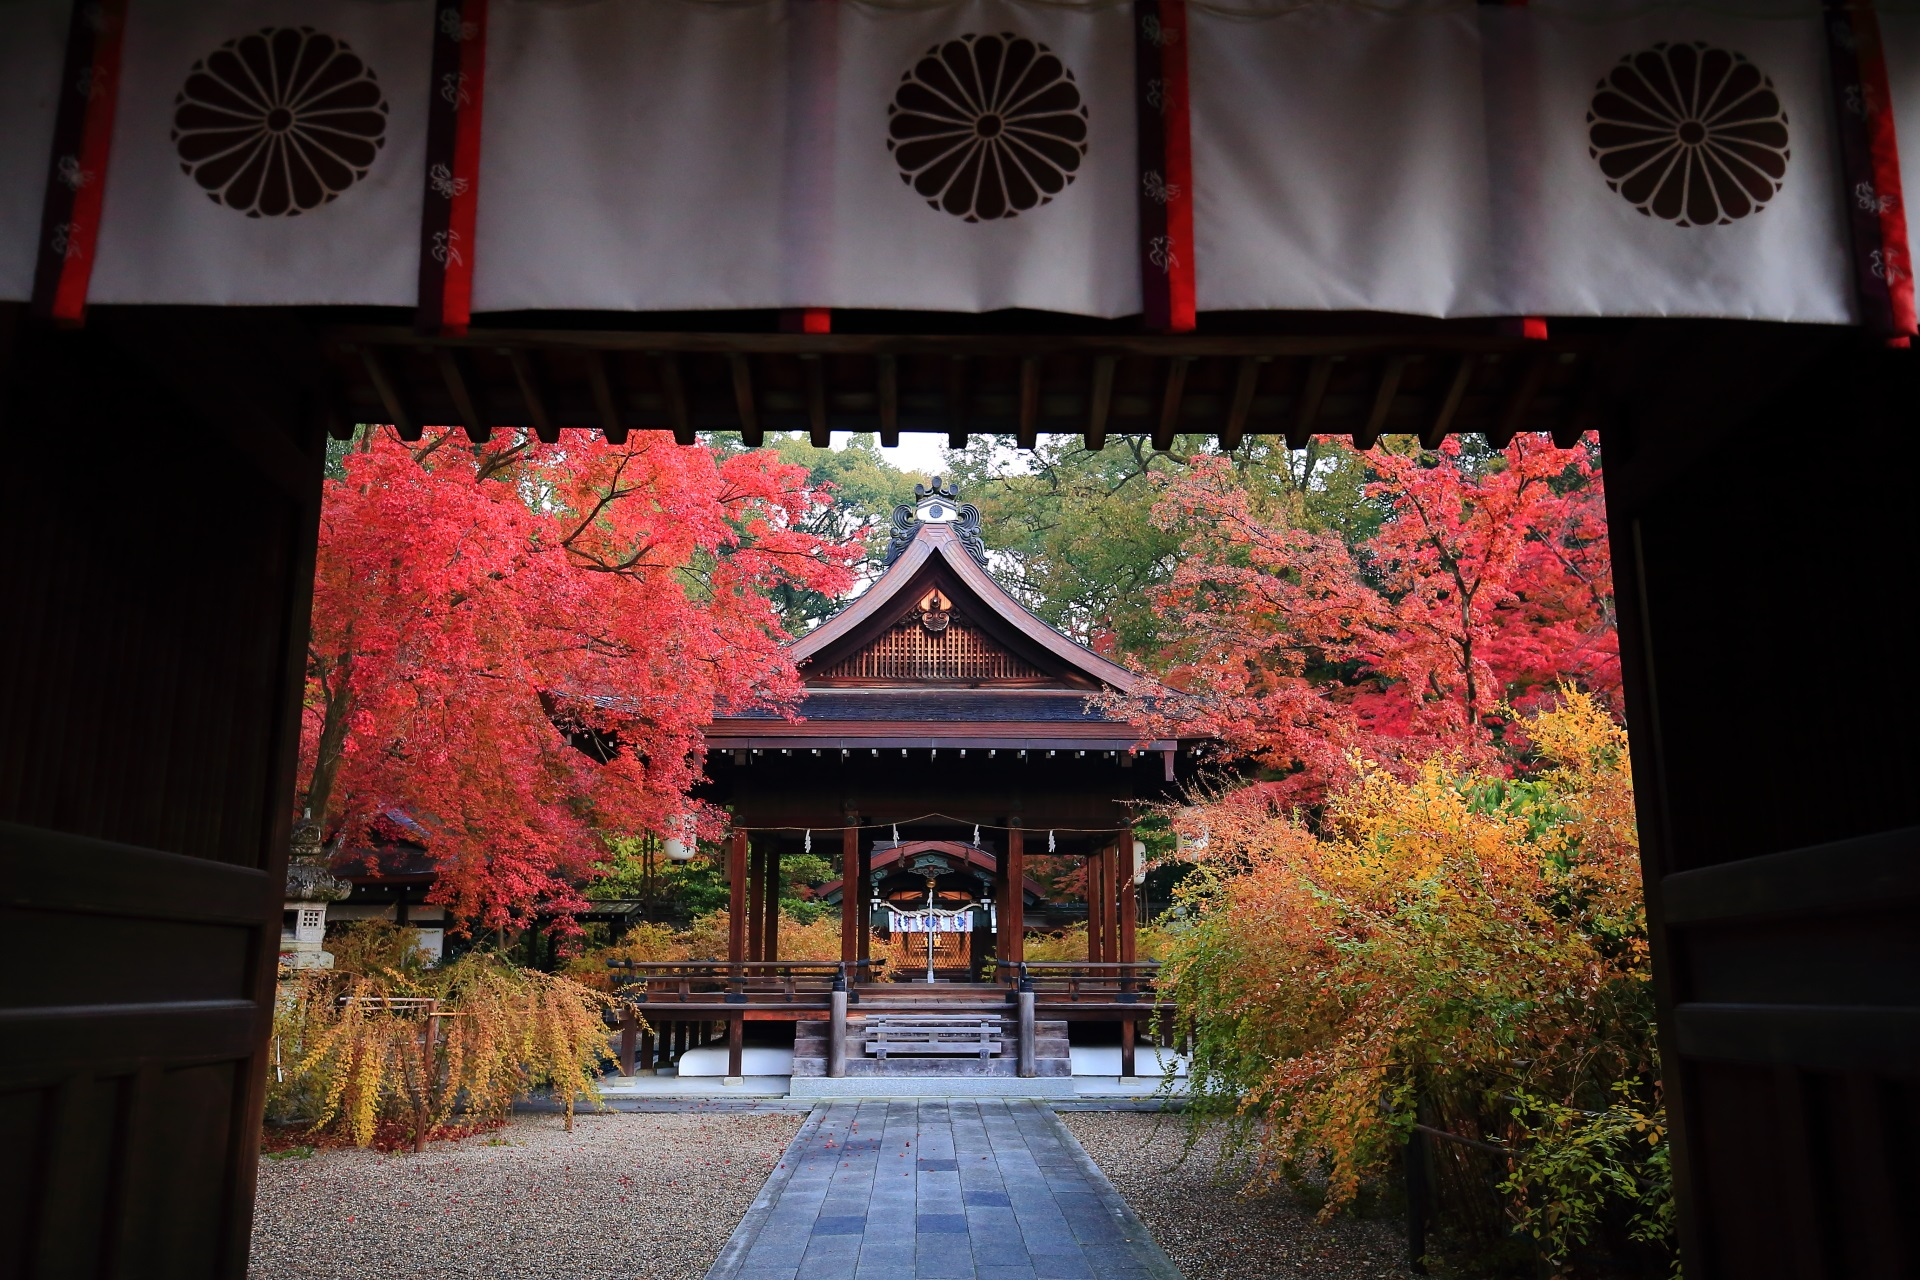 梨木神社の神門の下から眺めた拝殿と紅葉